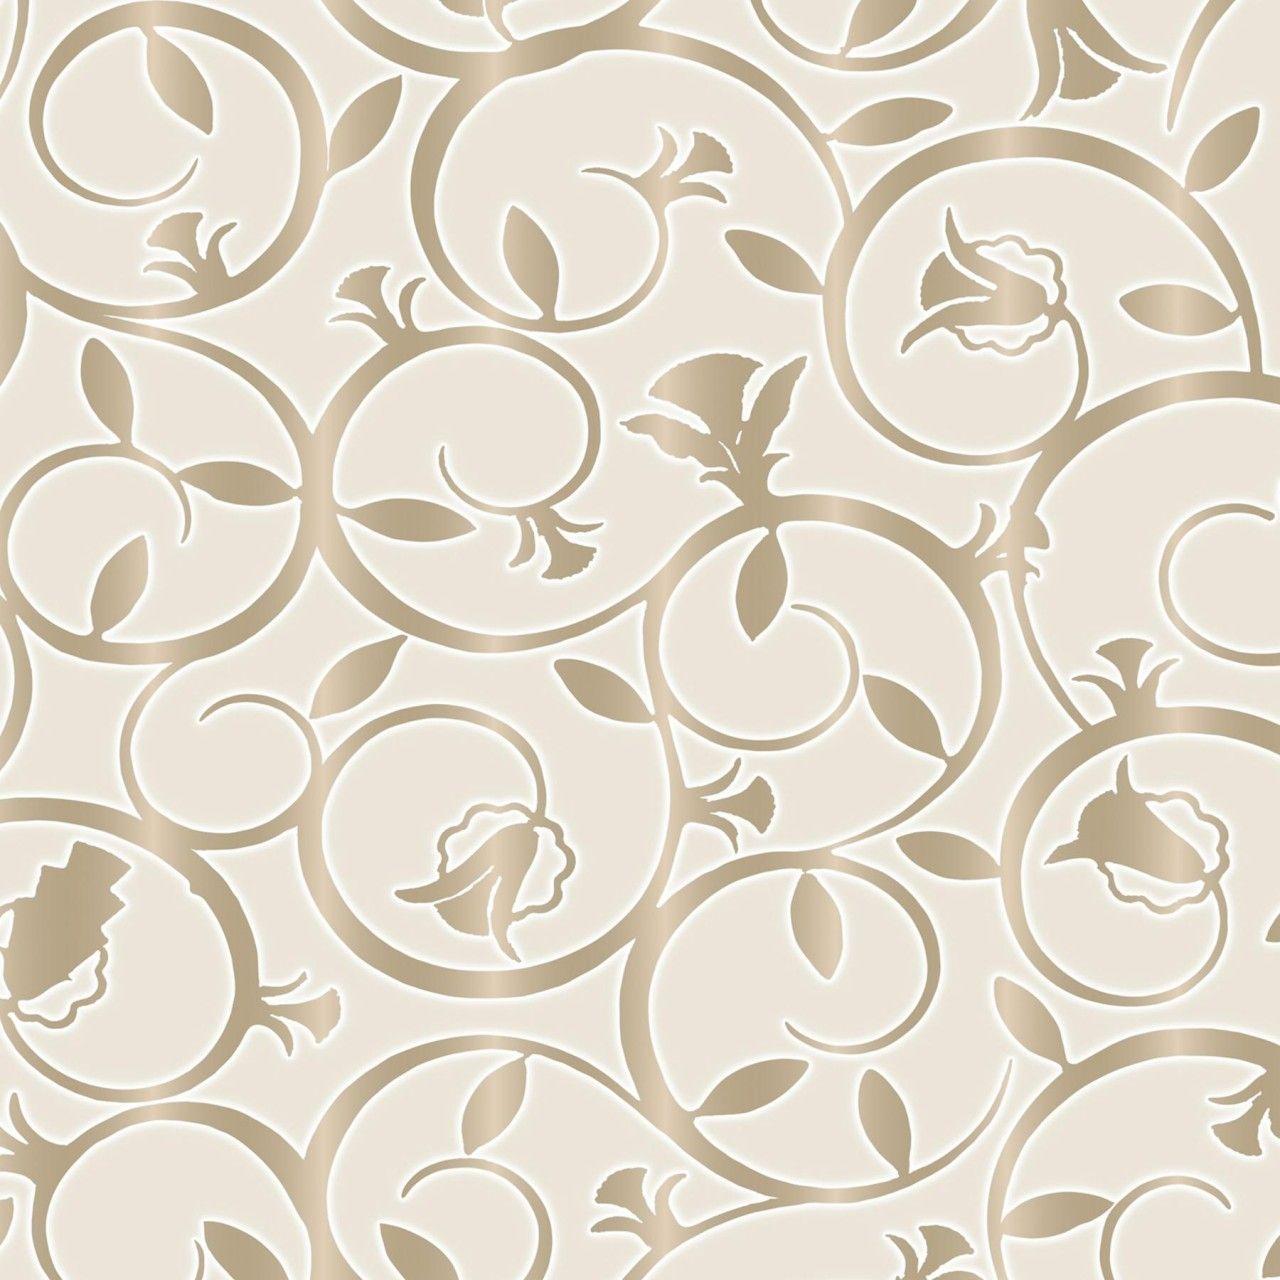 modern wallpaper textures - Google Search | Wallpaper ...